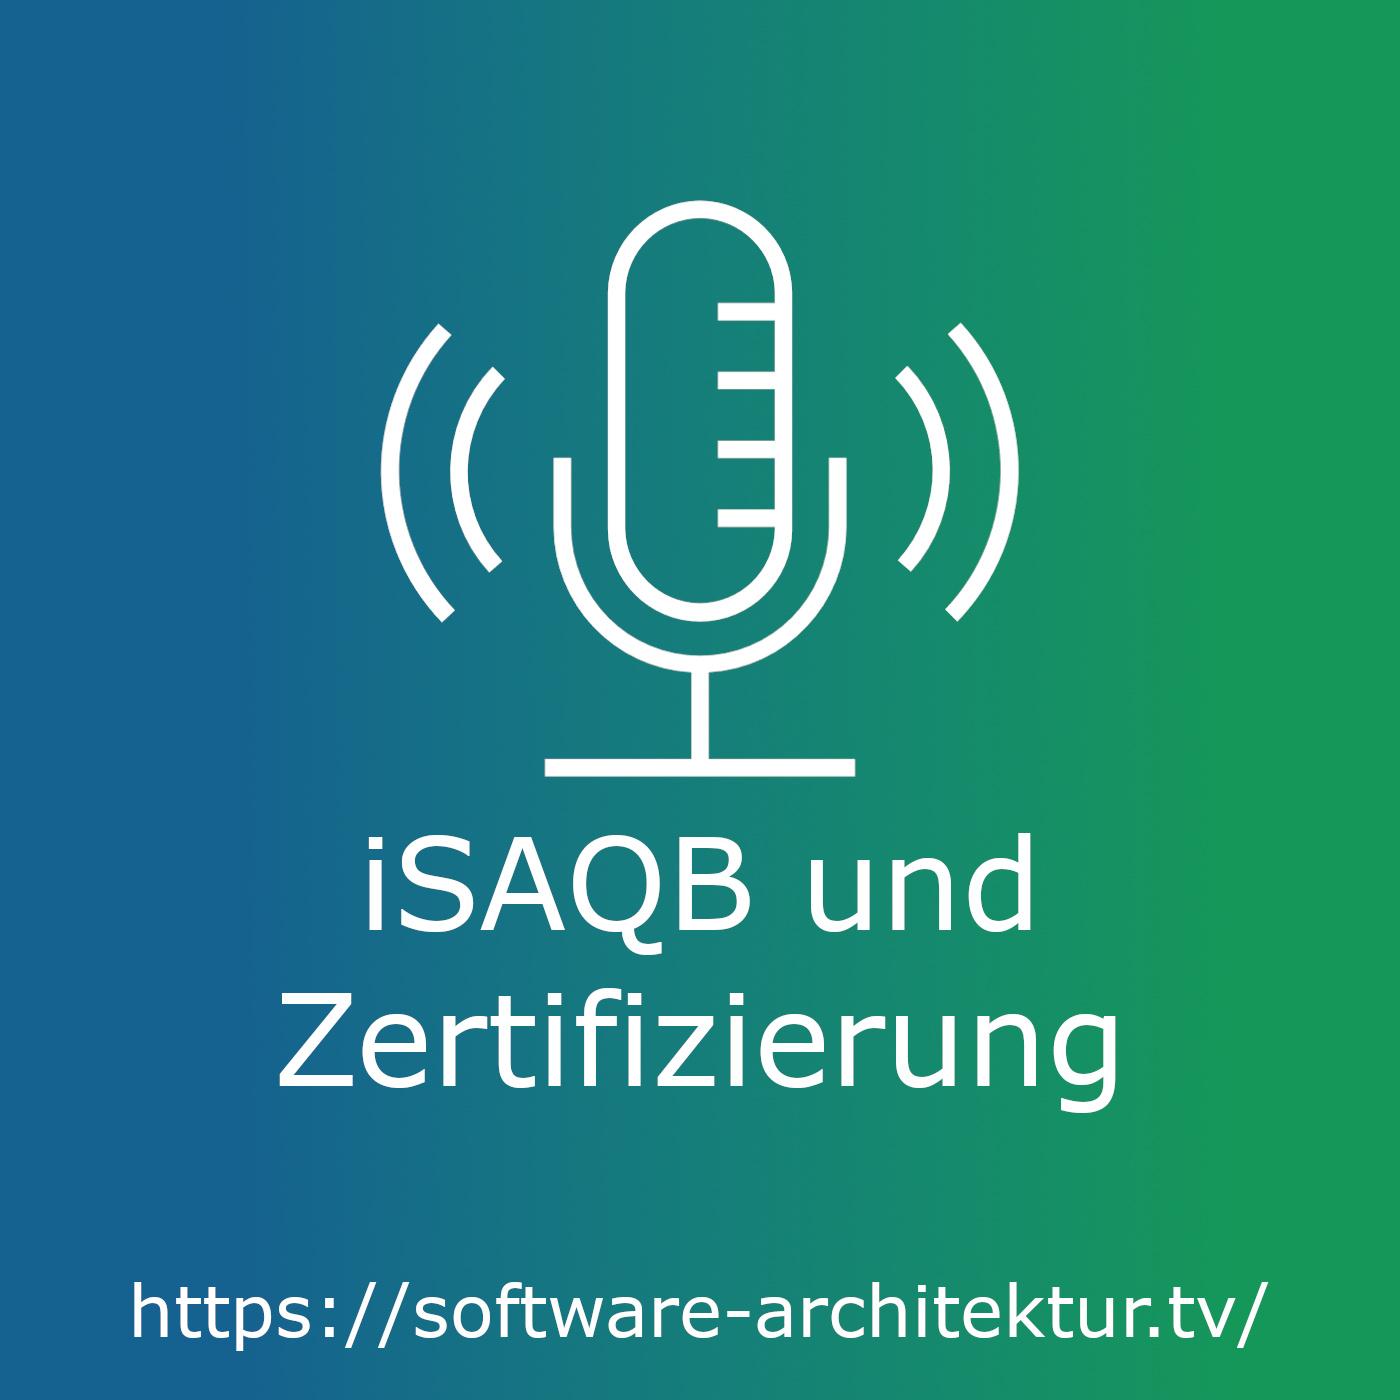 iSAQB und Zertifizierung